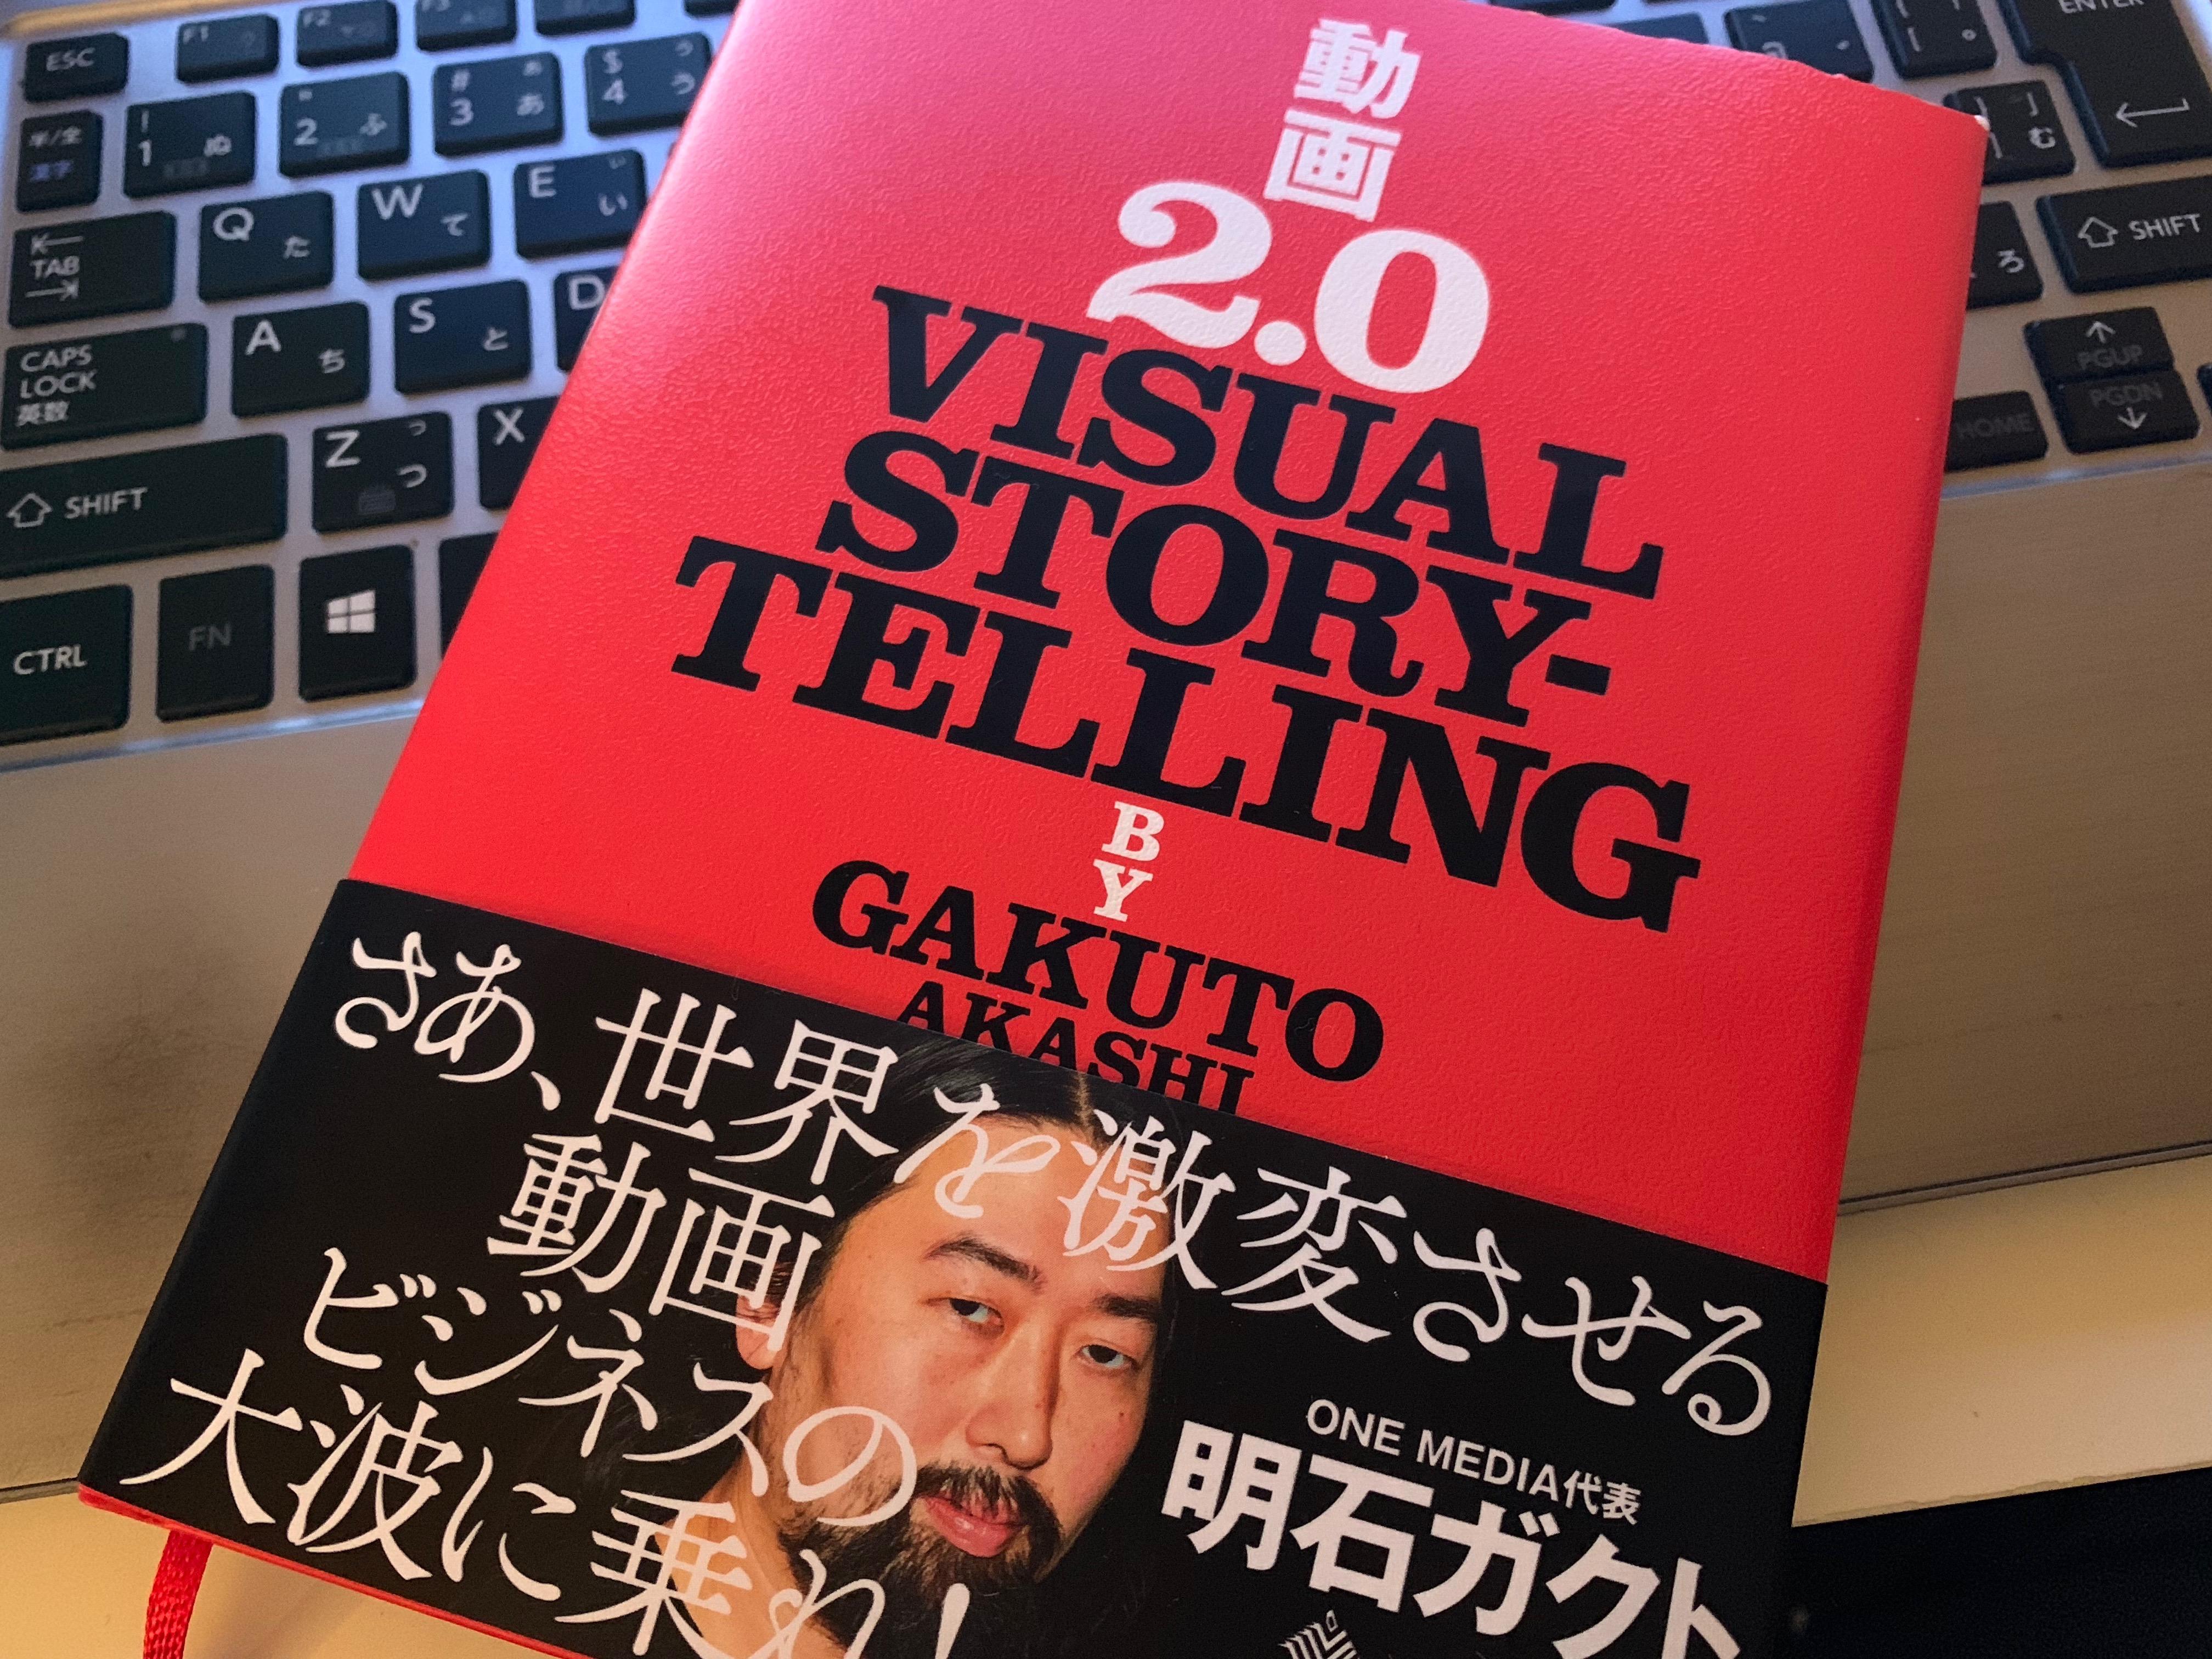 明石ガクトの本『動画2.0 VISUAL STORYTELLING』動画時代の逸材の経歴とは?